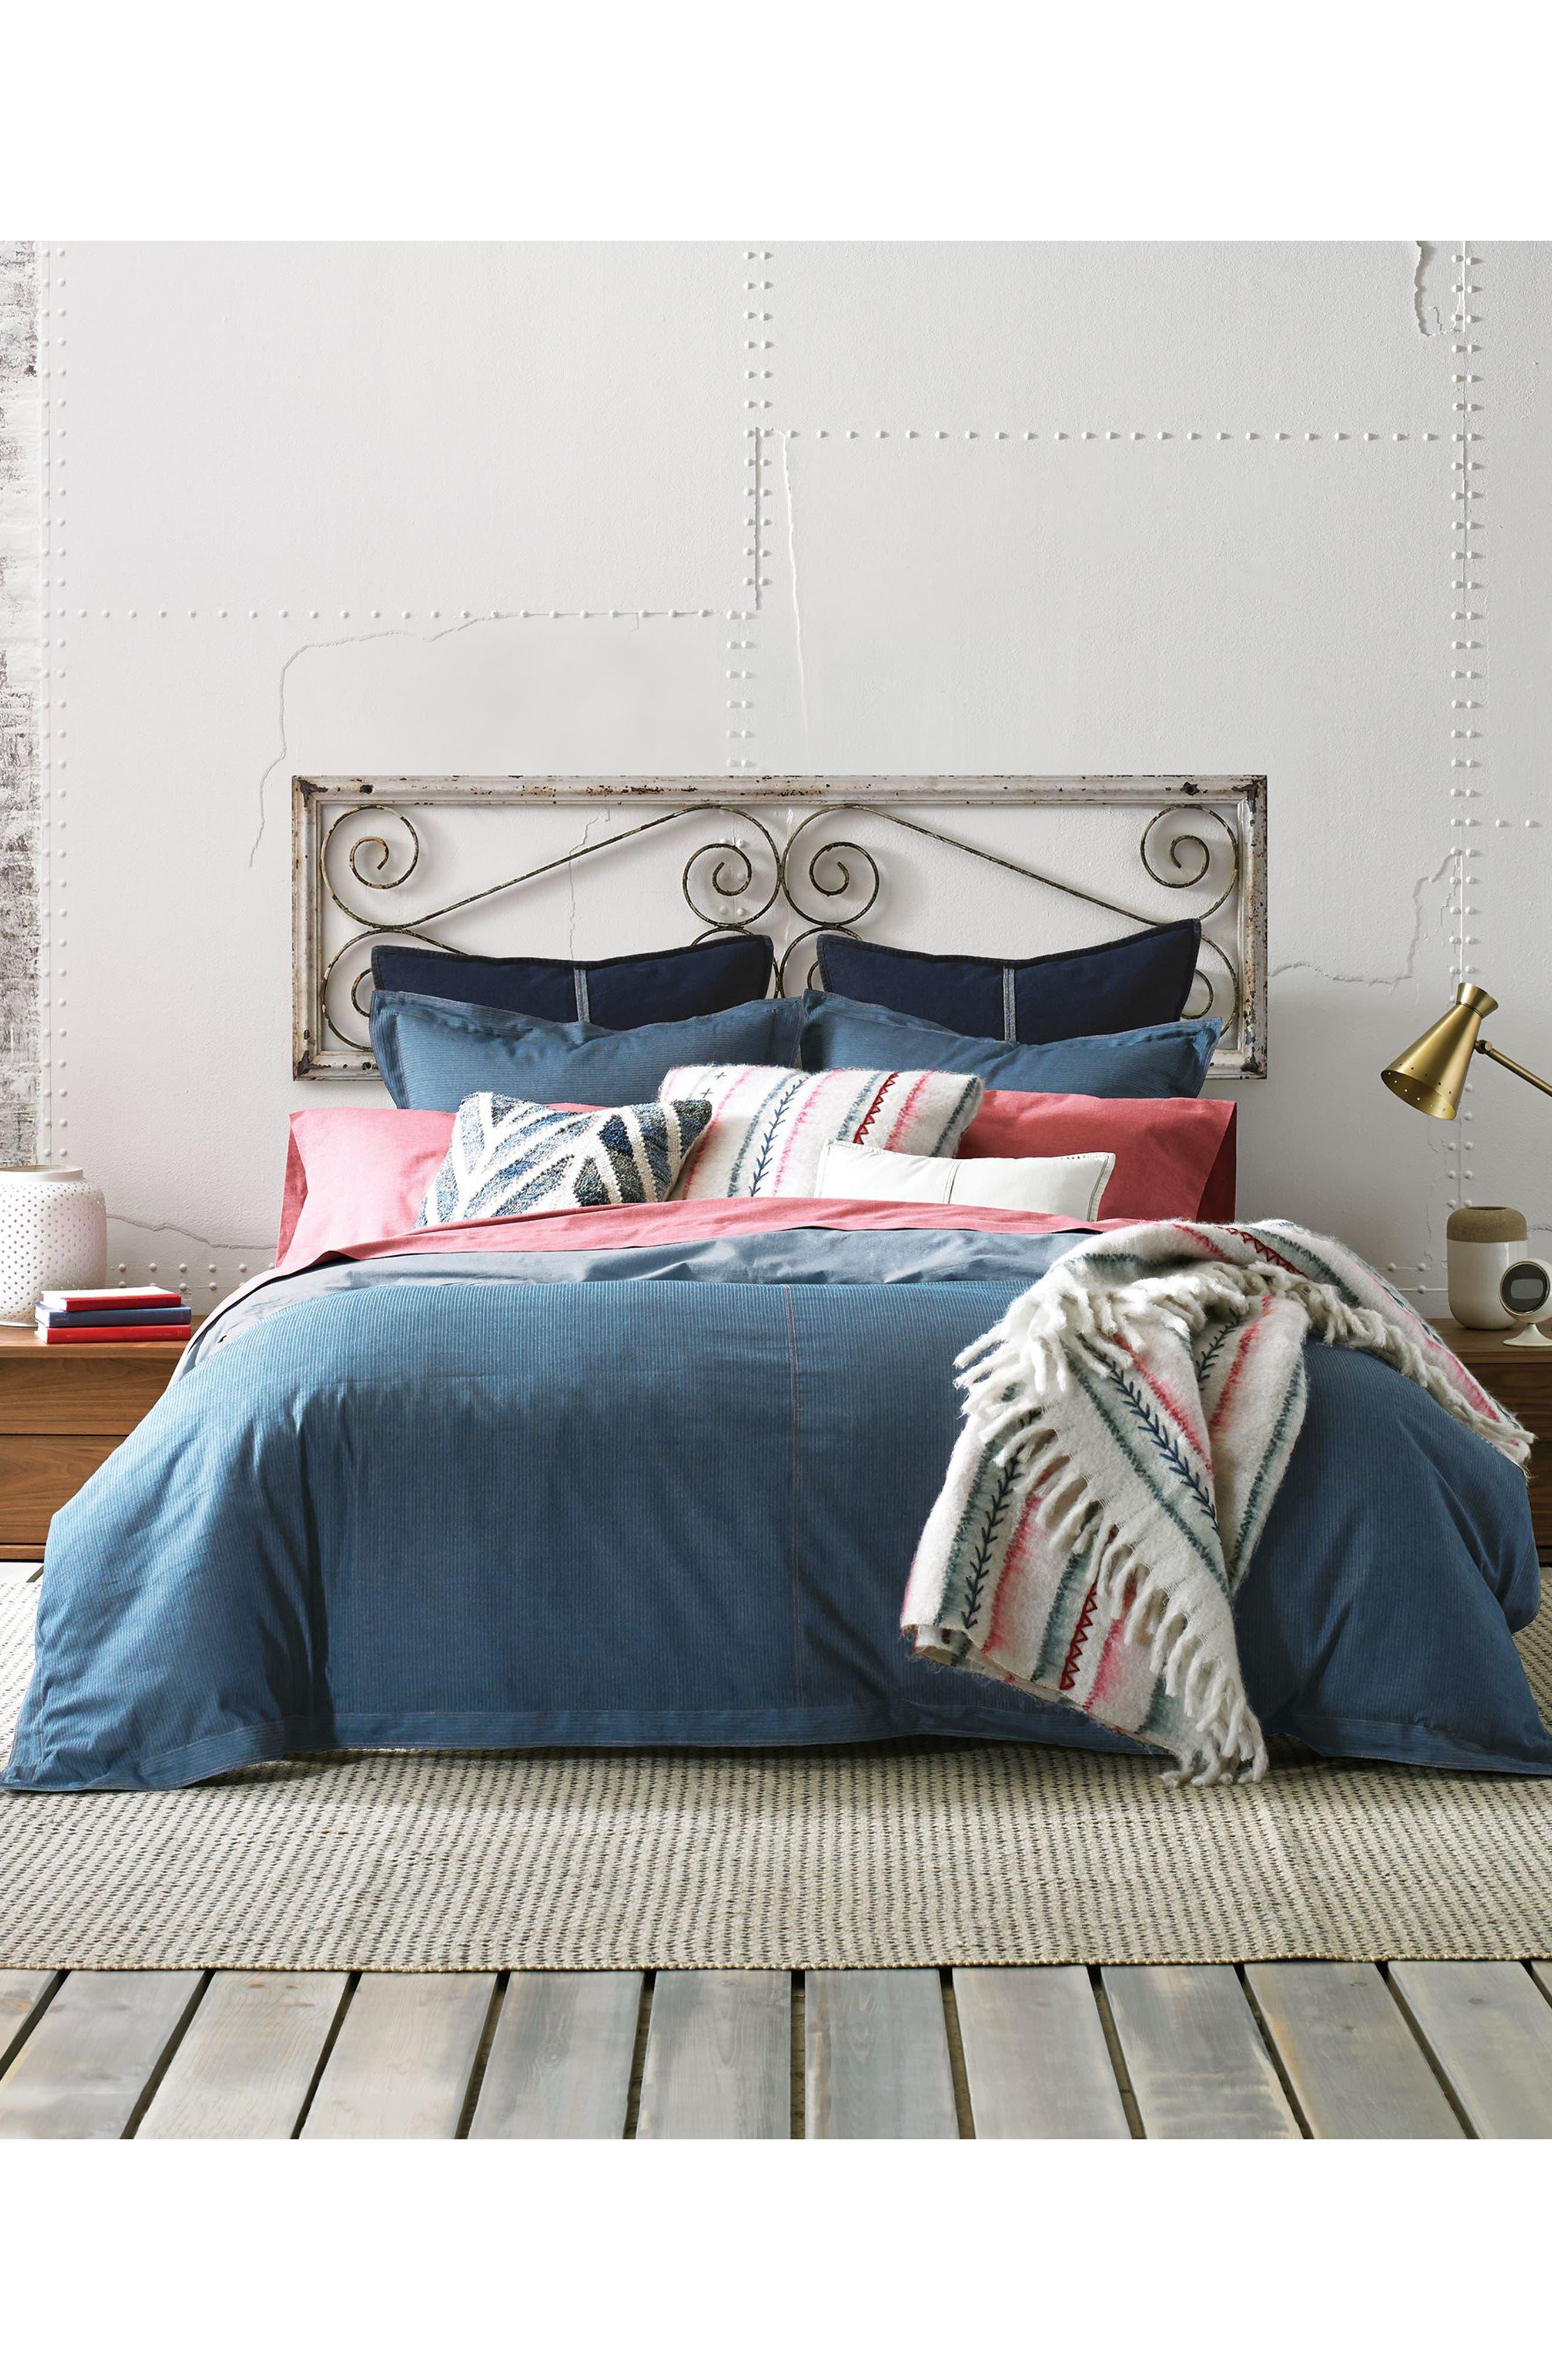 Main Image - Tommy Hilfiger Sunkissed Denim Comforter & Sham Set